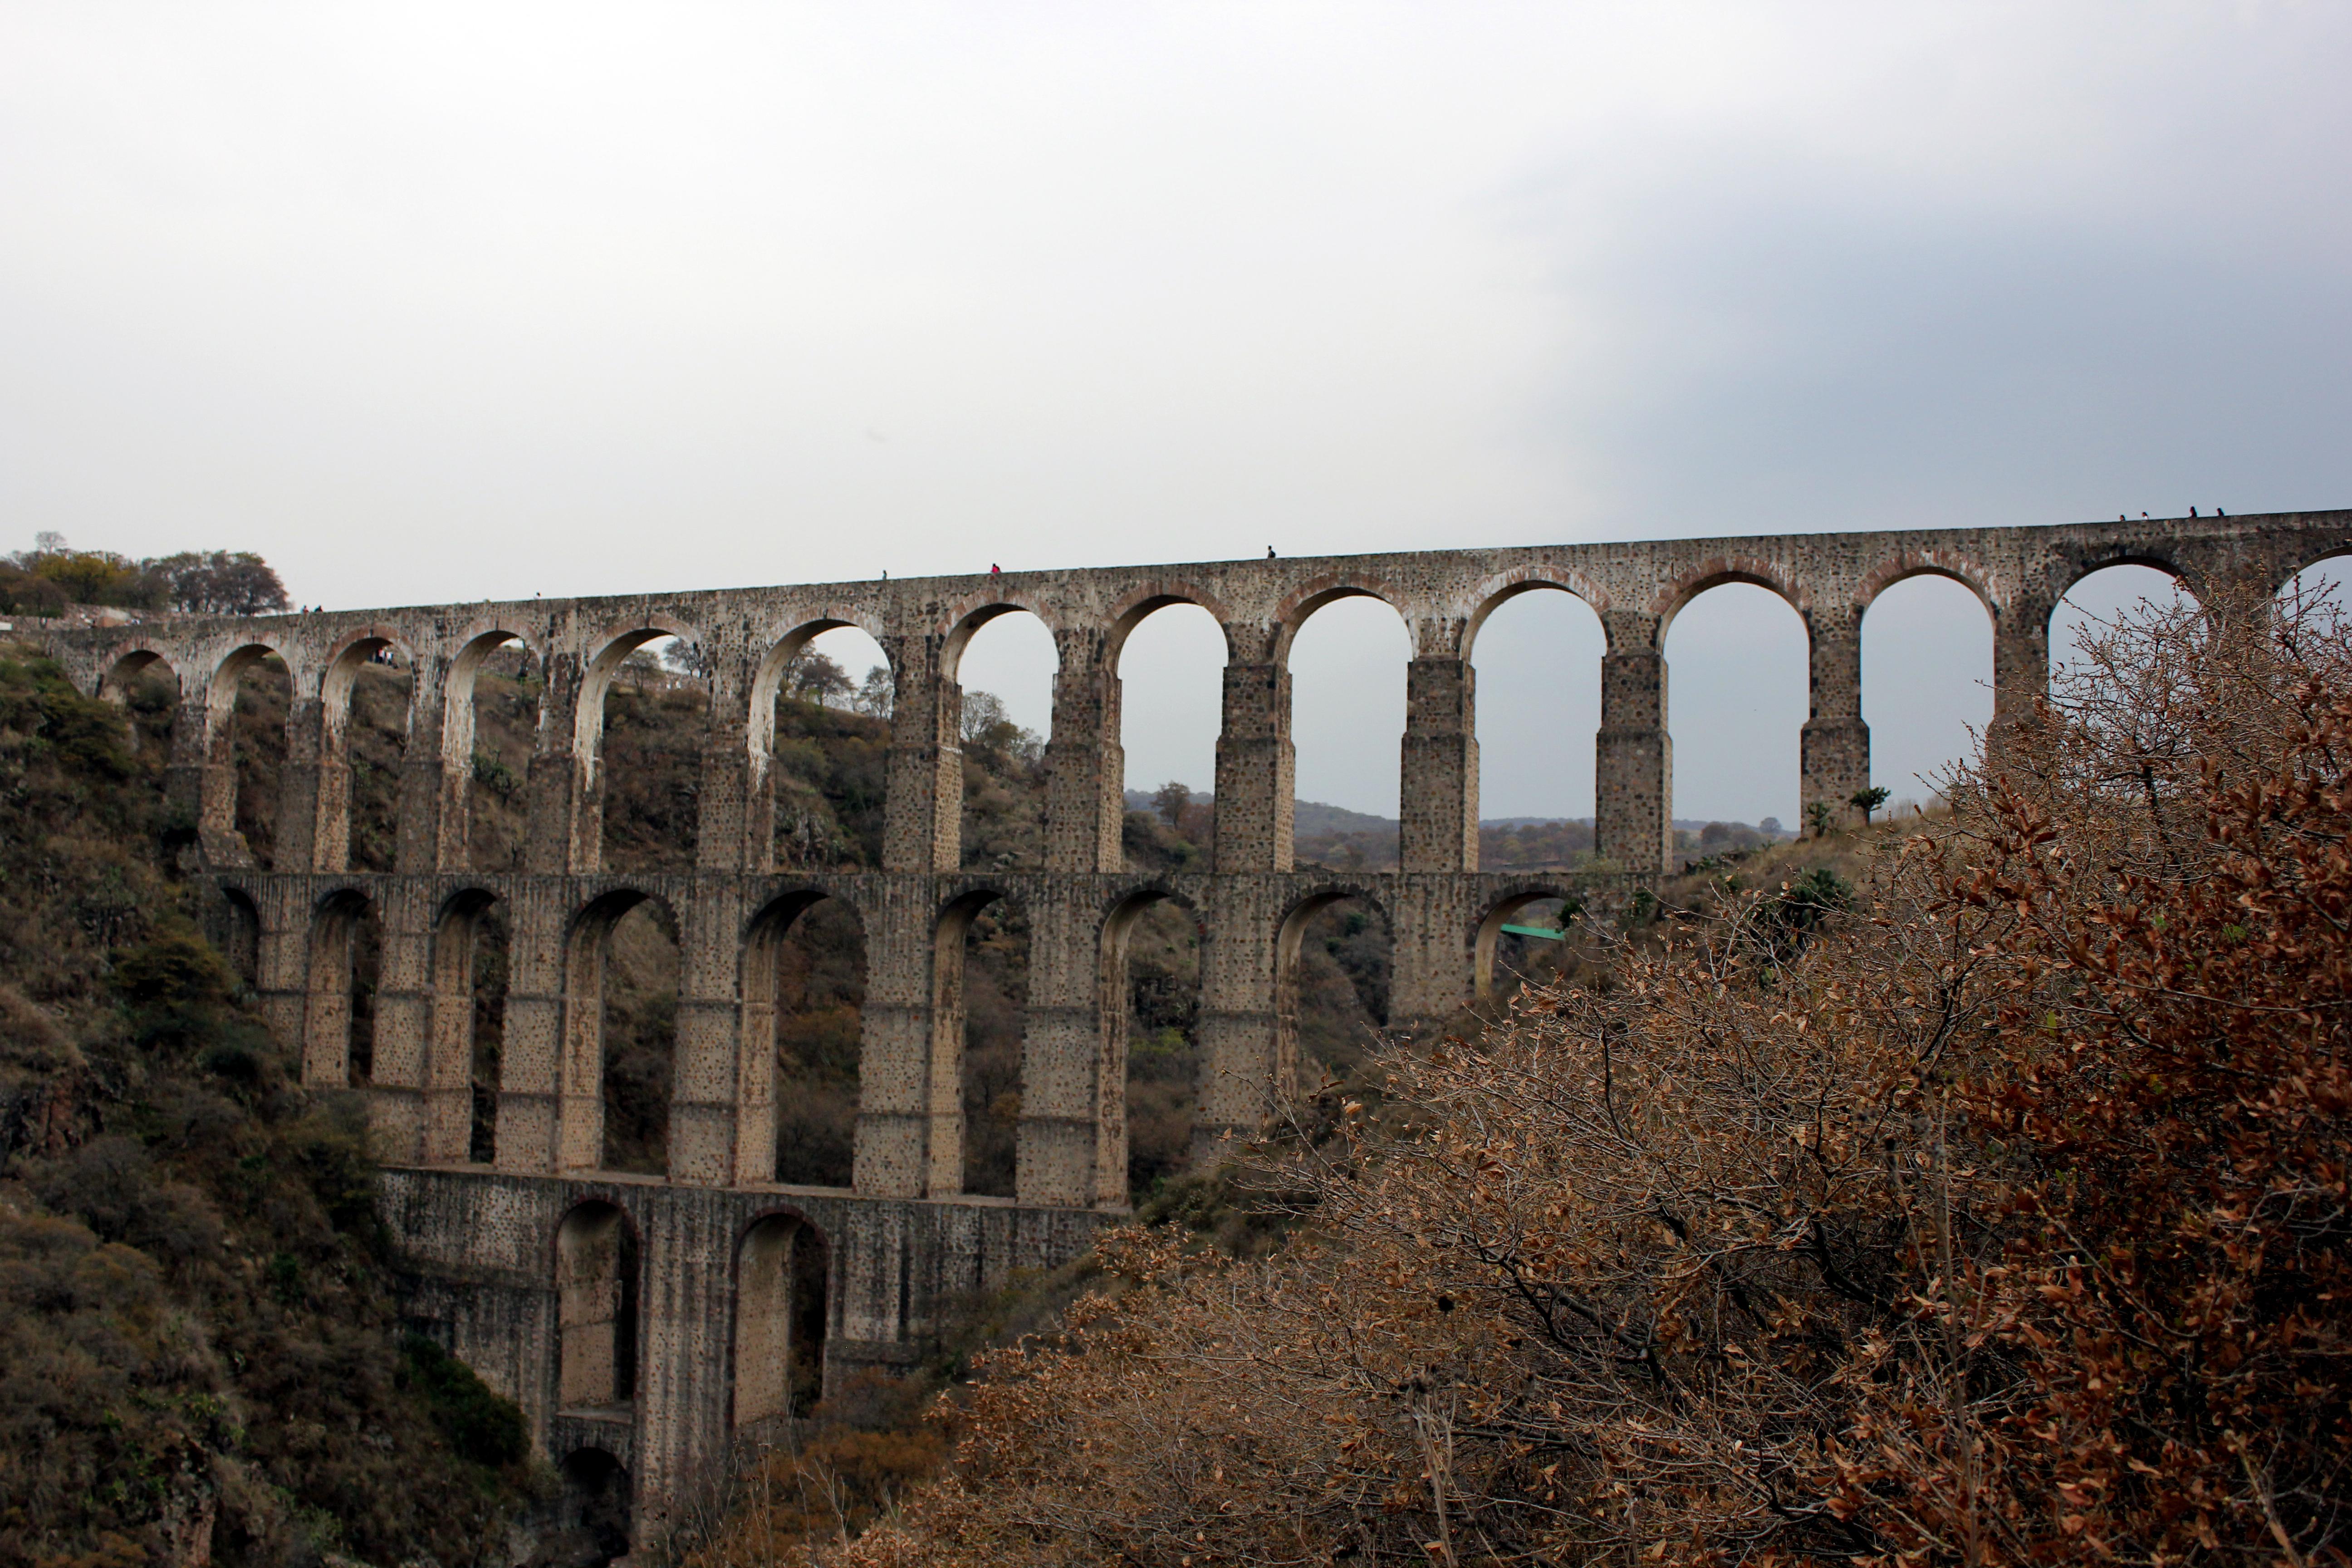 File:Acueducto, Arcos del Sitio, Tepotzotlán, Estado de México.JPG